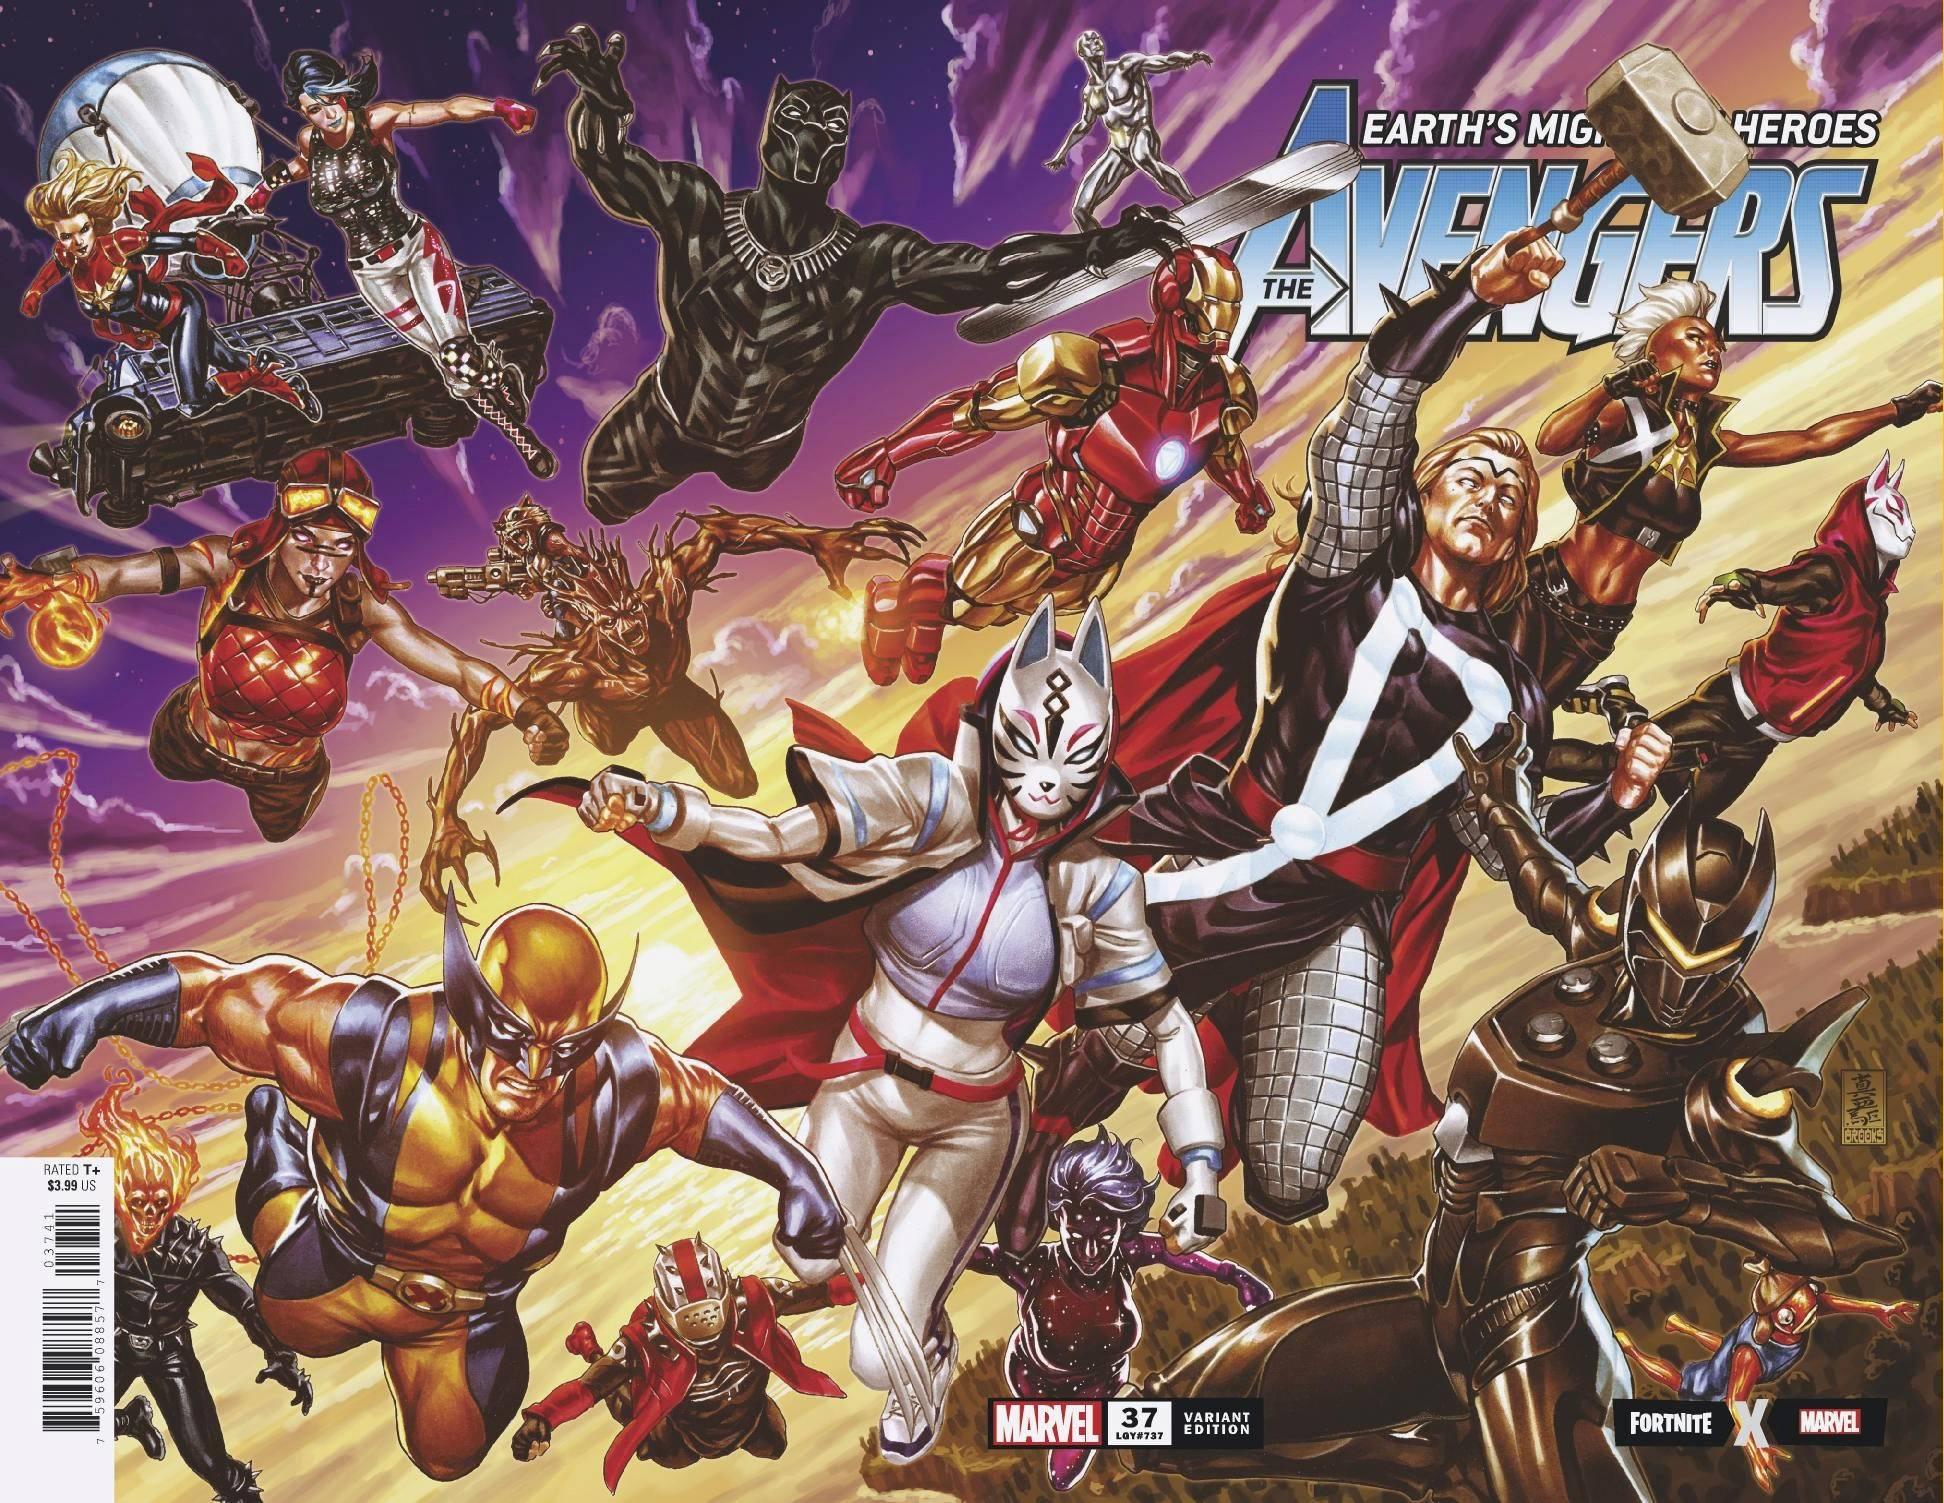 Avengers Vol 8 37 Fortnite Wraparound Variant.jpg